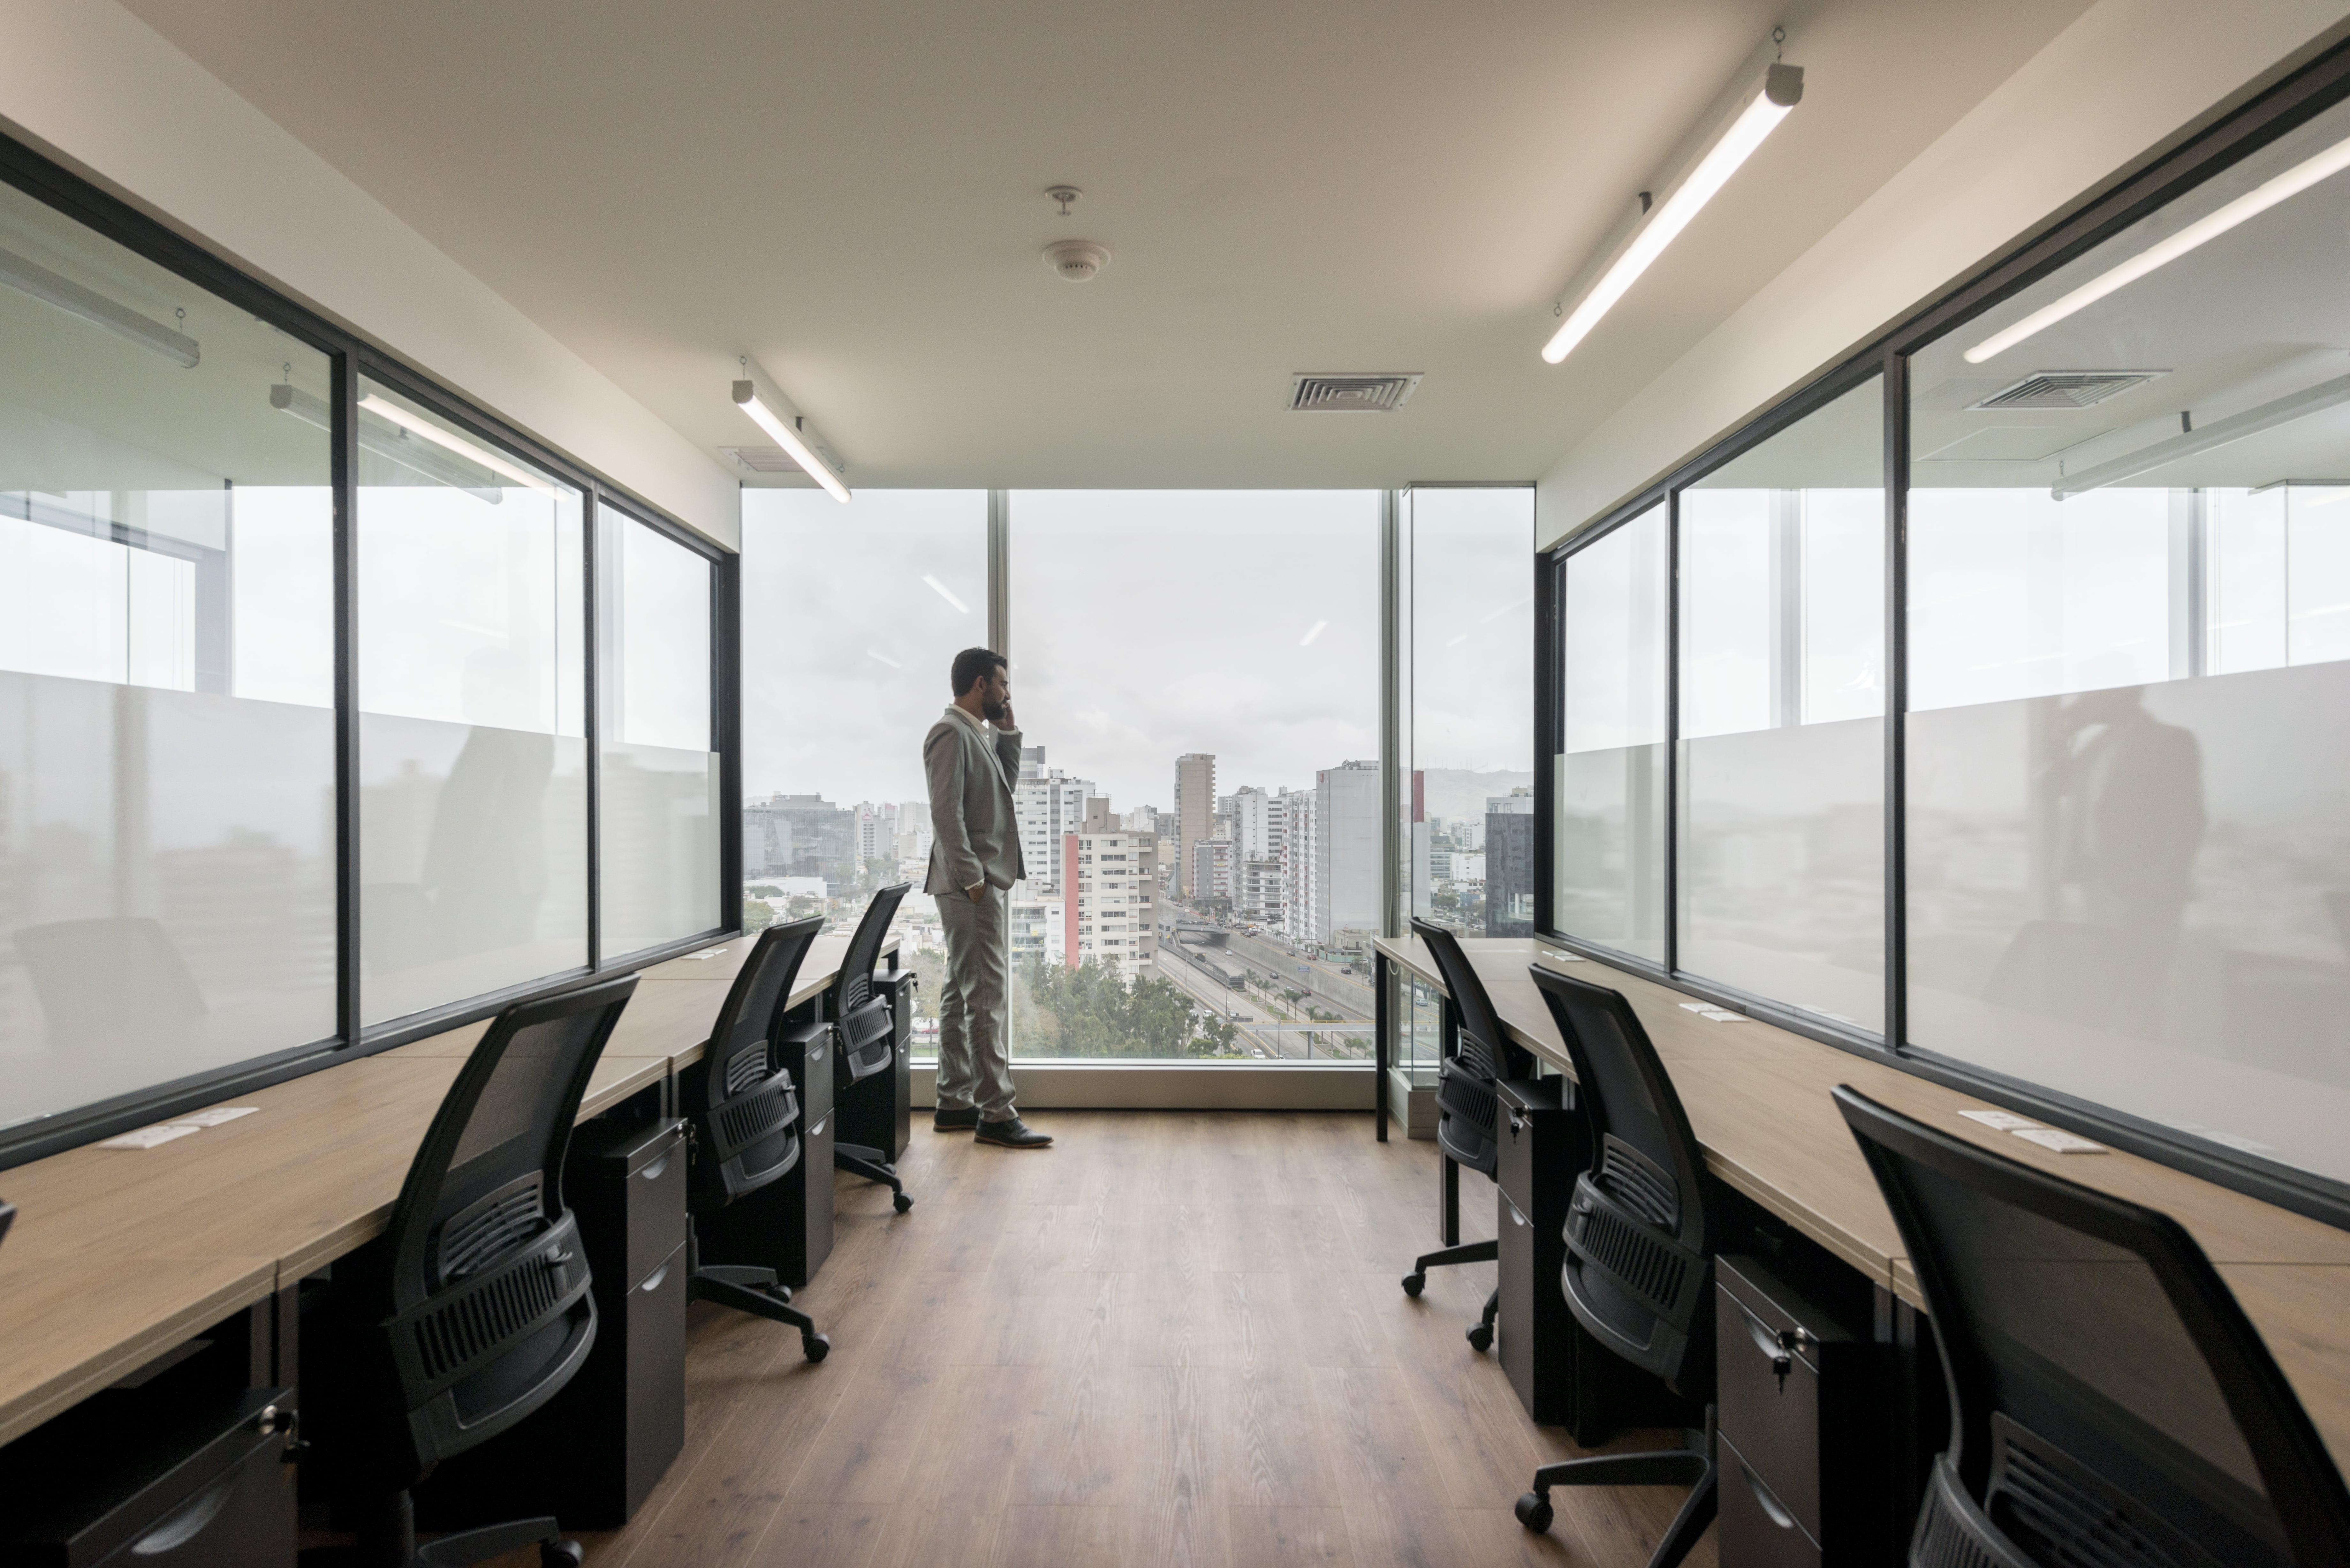 directivo en una oficina mirando la ventana